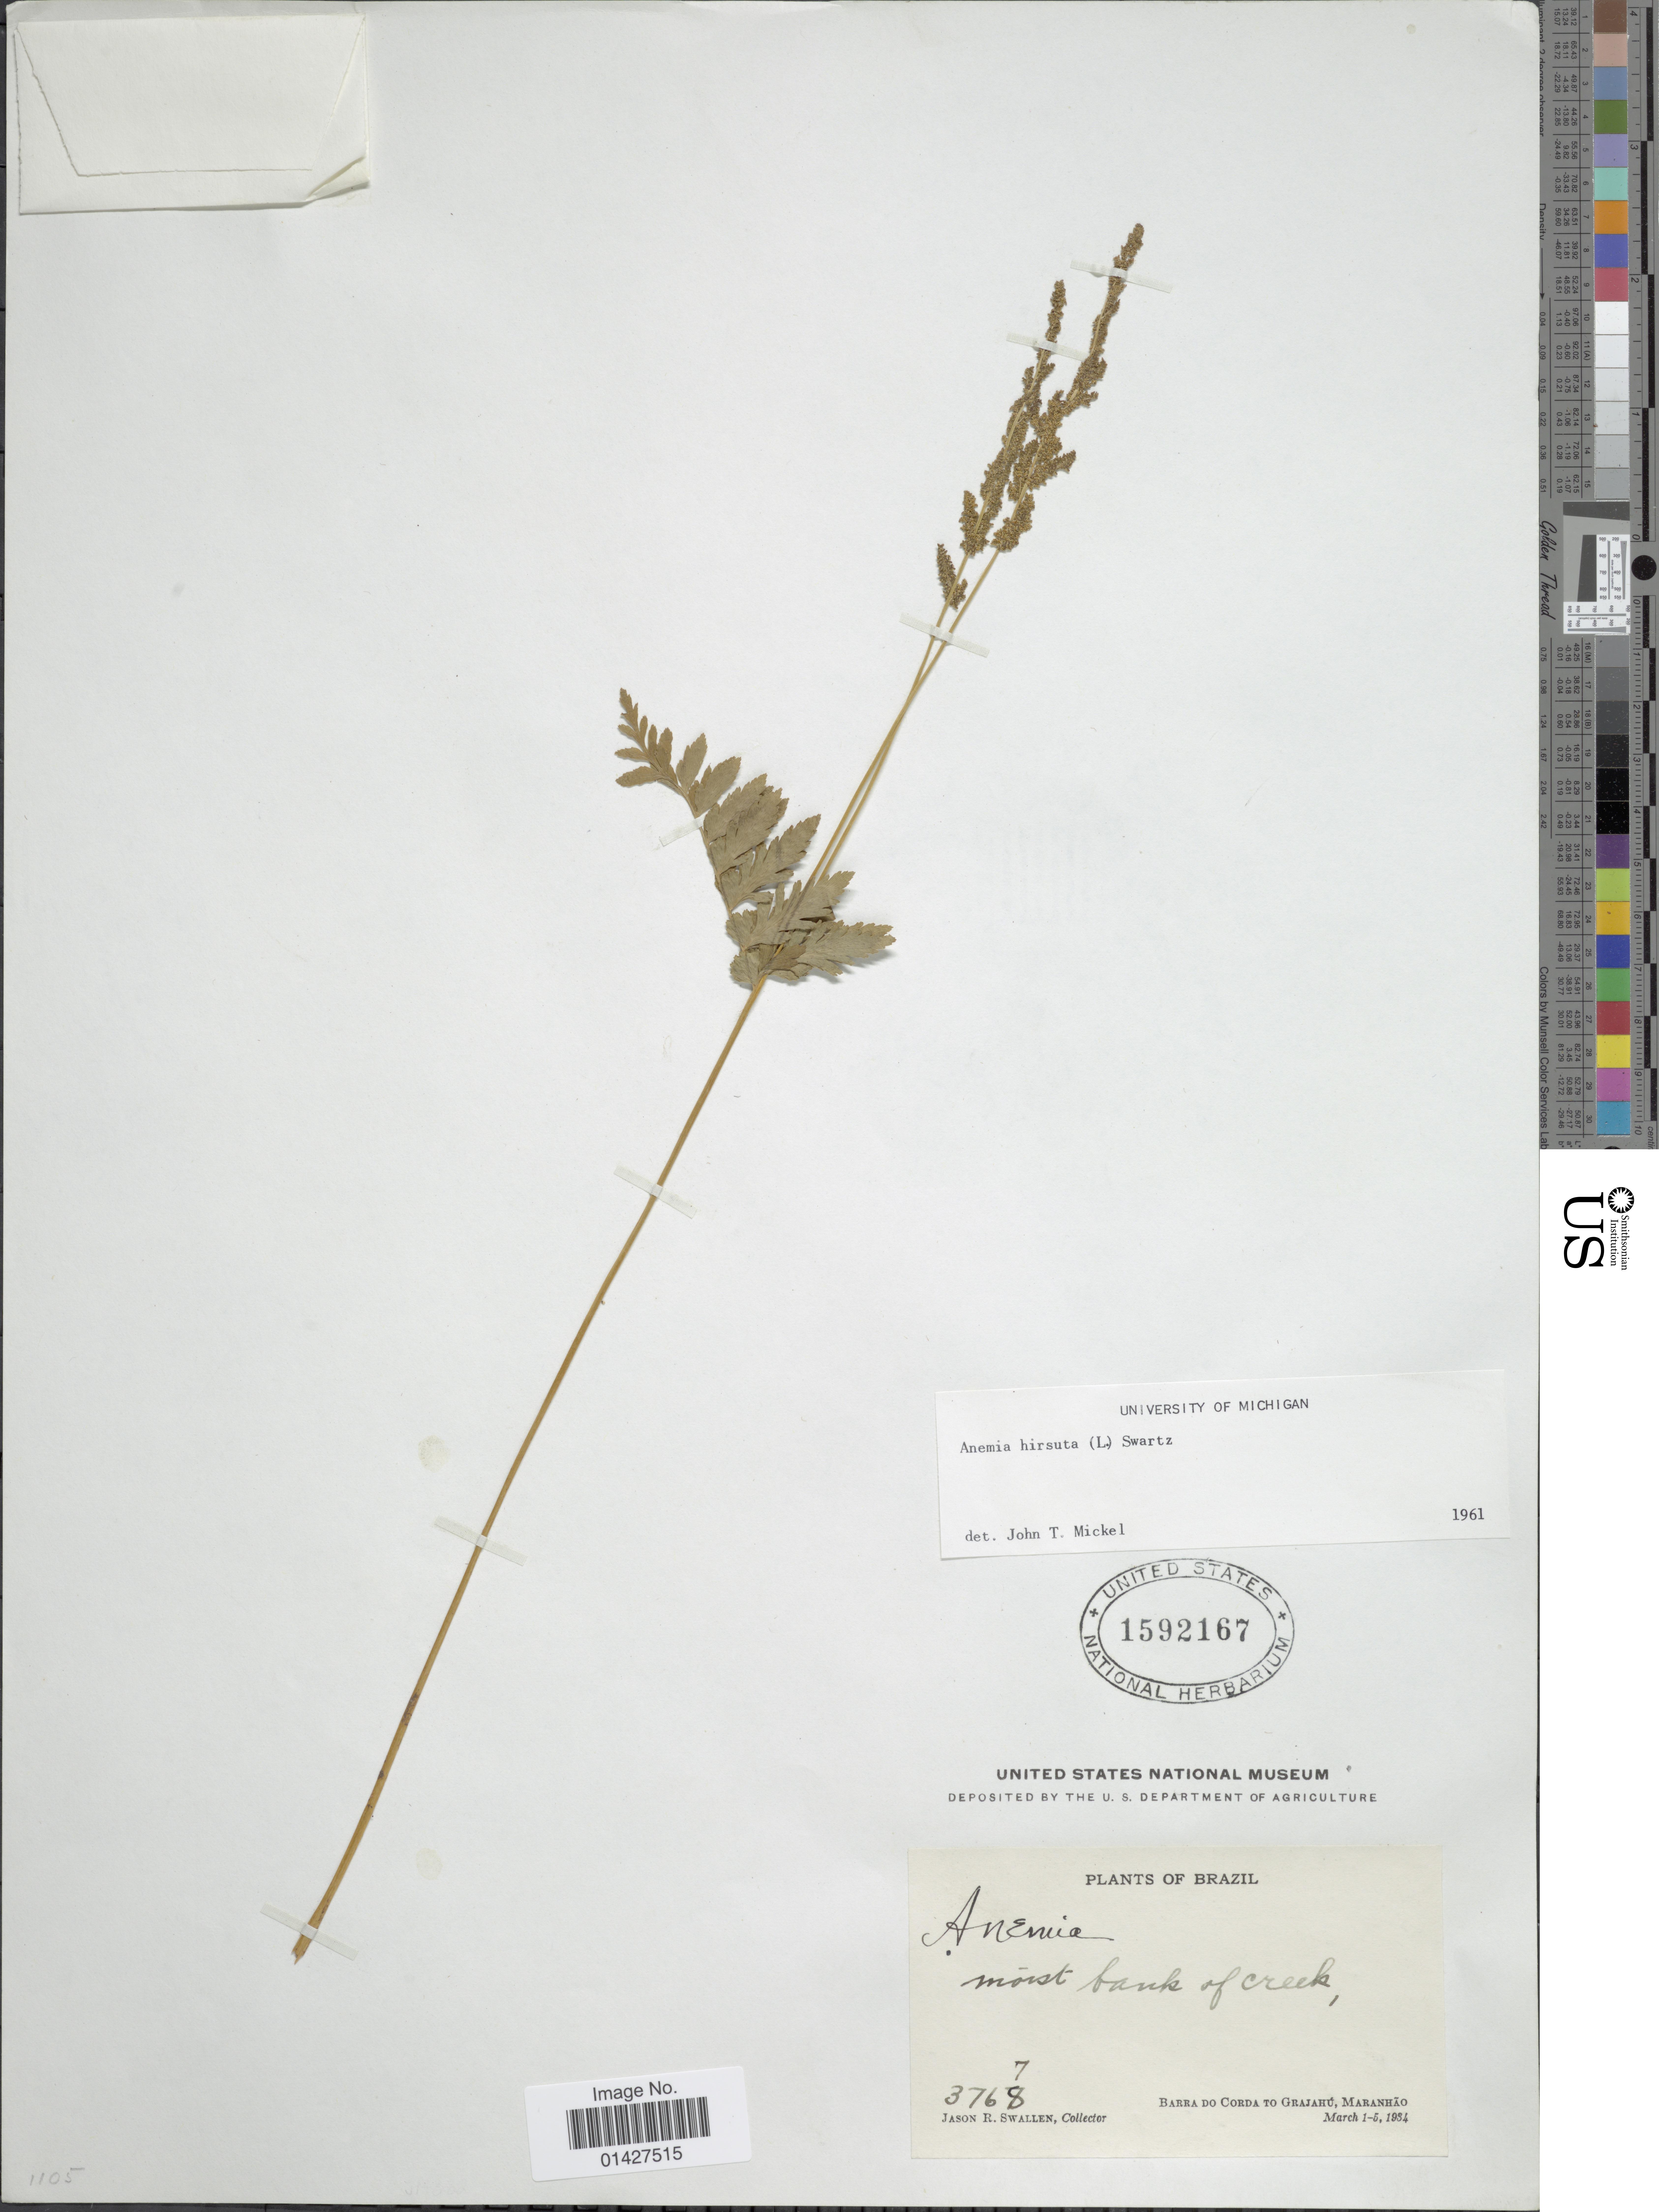 Image of hairy flowering fern